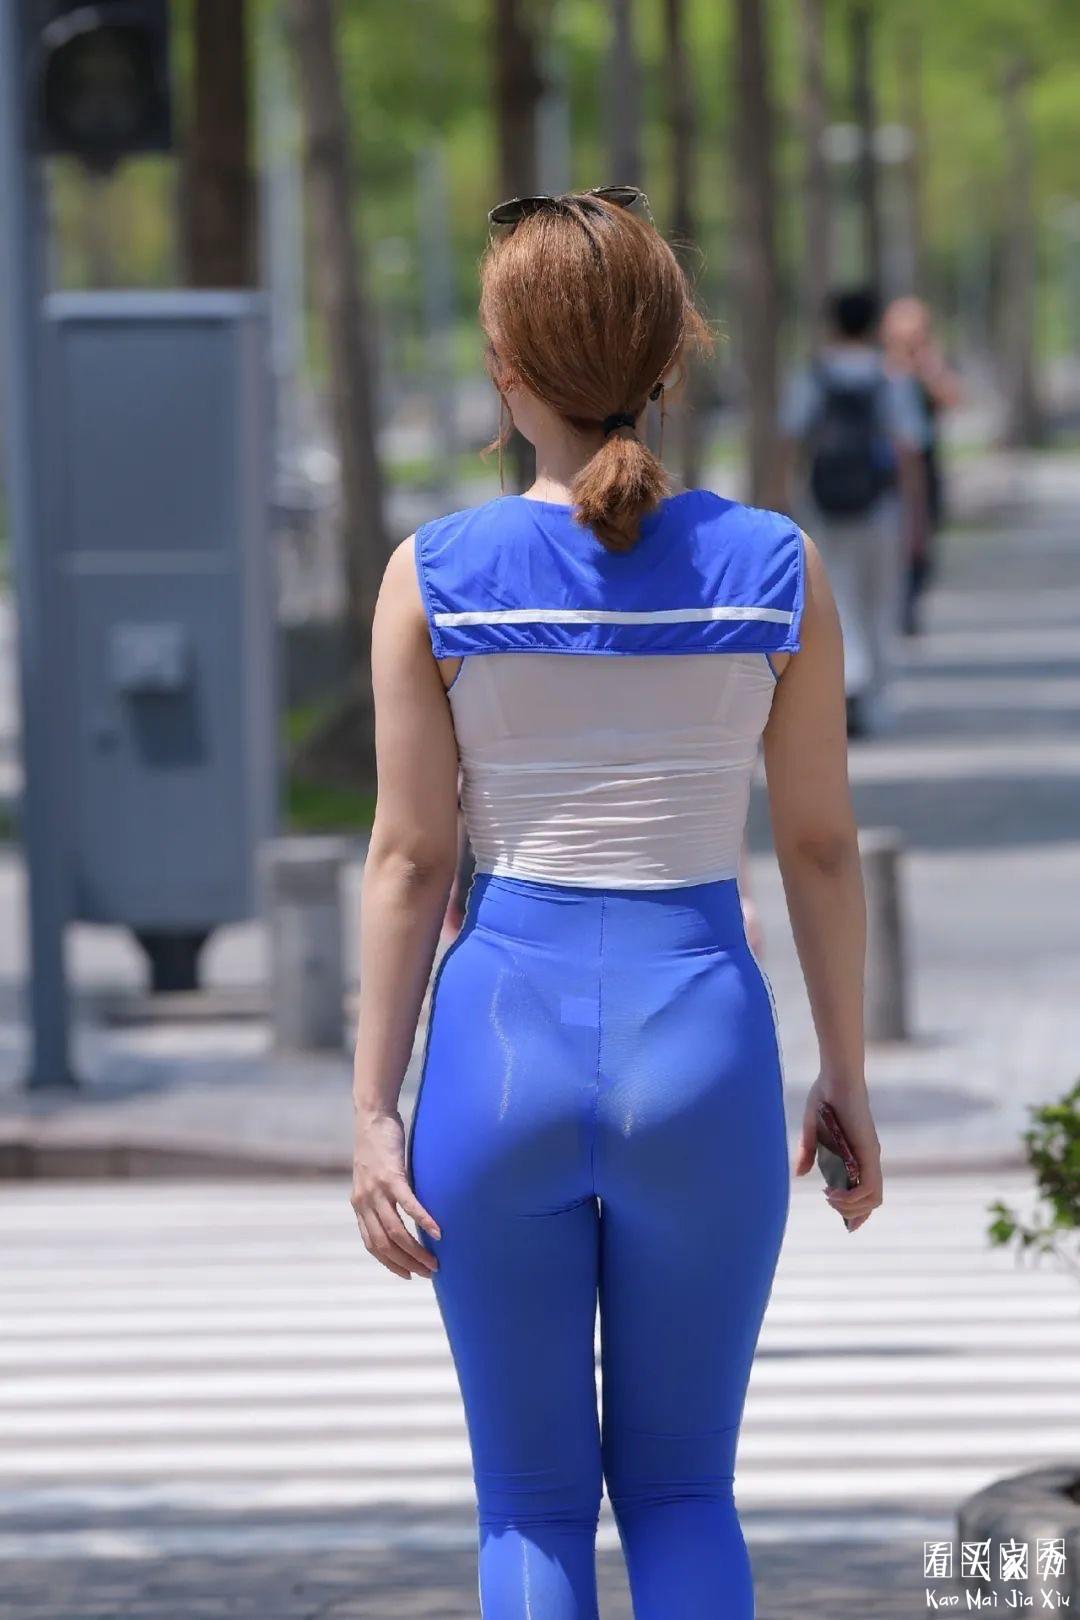 [街拍美女]透视装连体衣丁字裤,这样的女生走在街上你敢直视她吗?